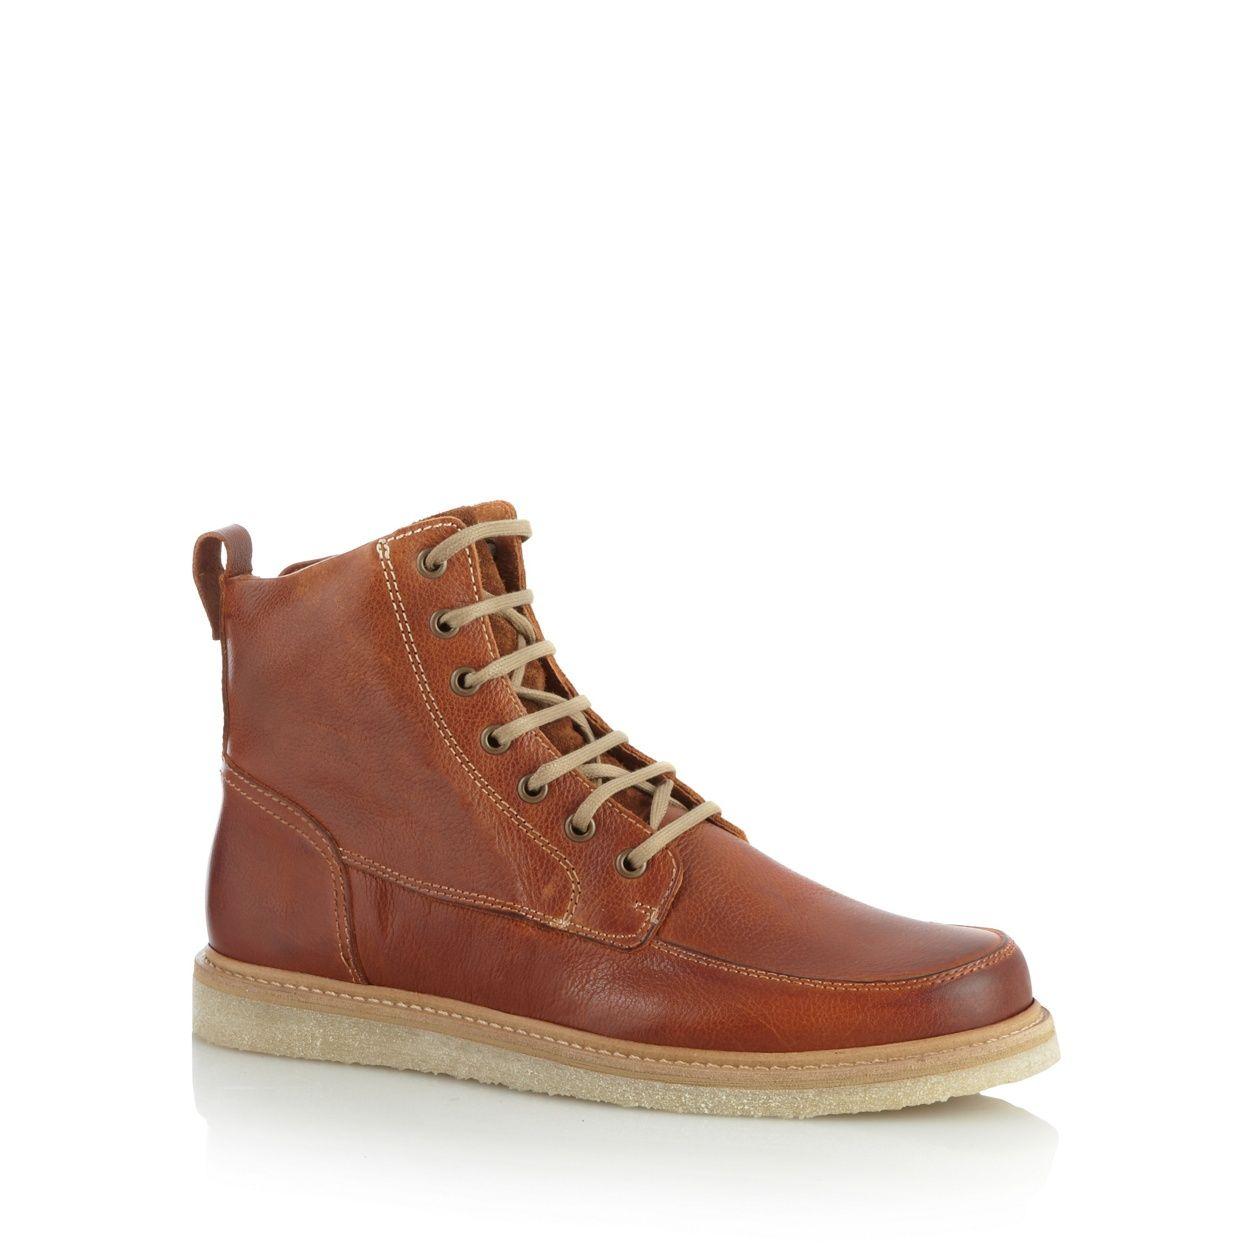 4a600267ea28 RJR.John Rocha Designer tan leather lace up boots- at Debenhams.com ...